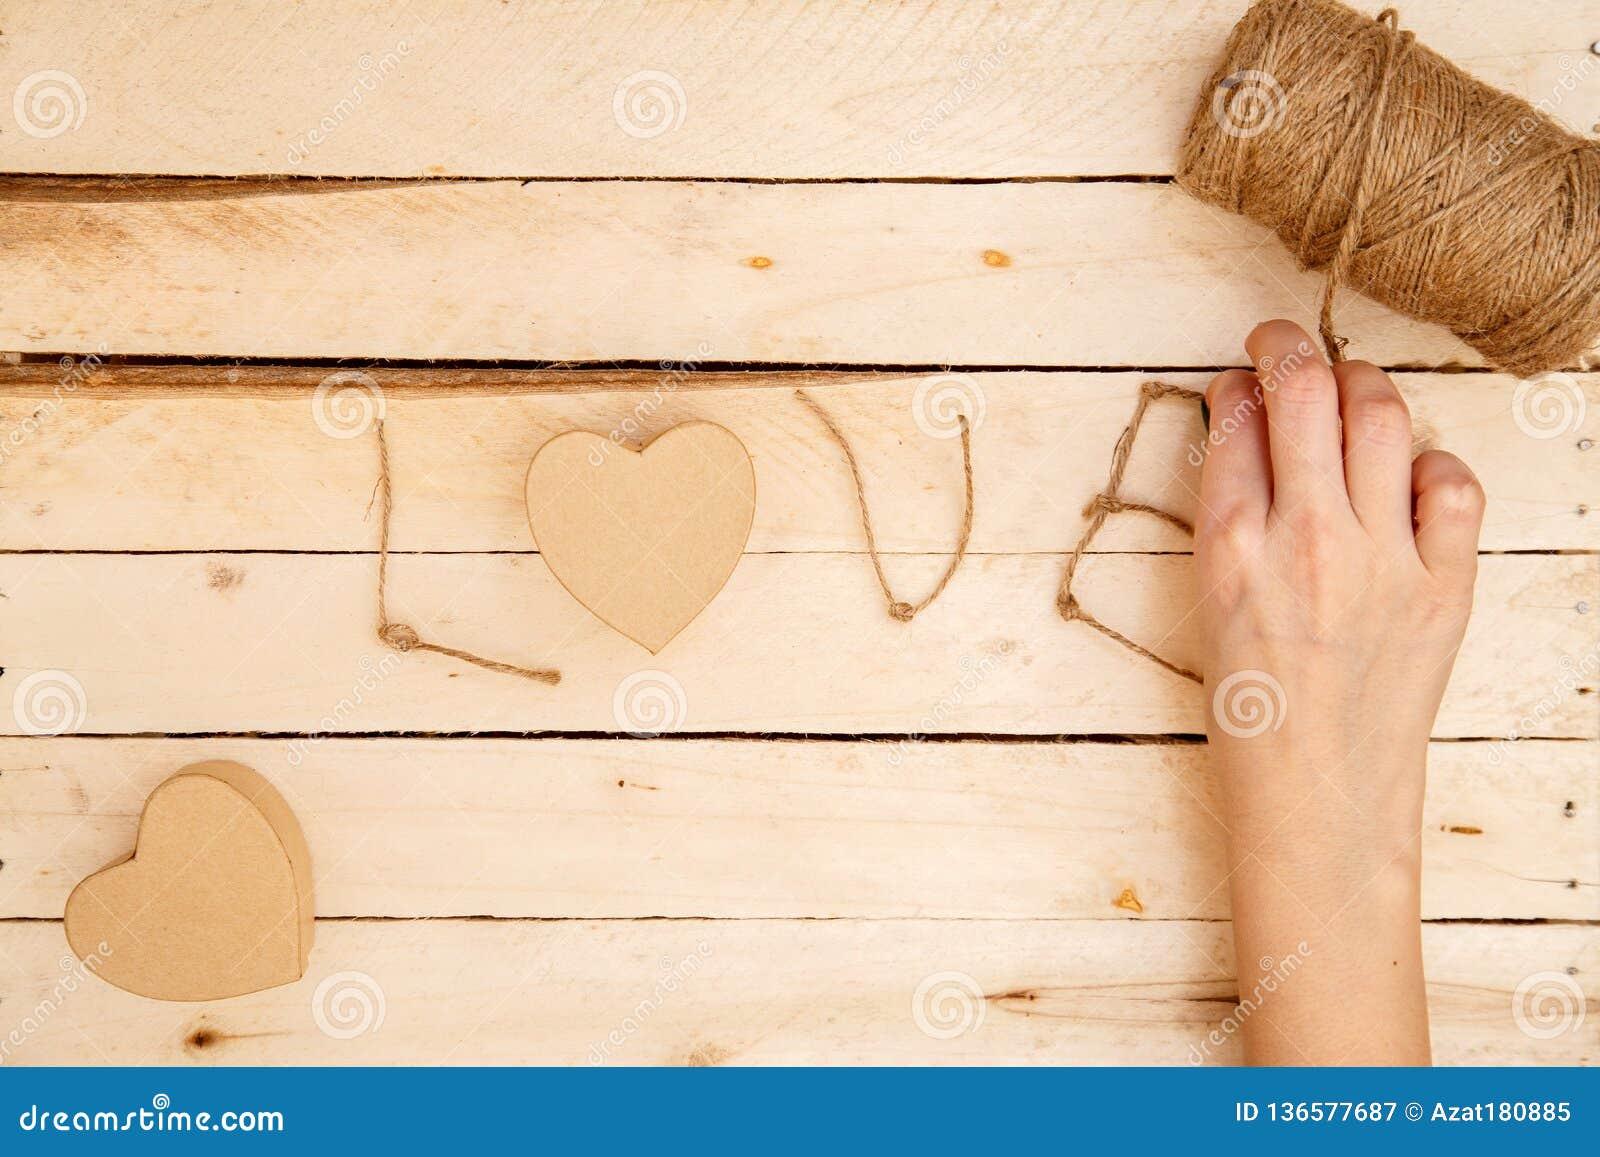 Konzept für Liebesgeschichten und für Valentinstag Weibliche Hände stellen Kästen in Form von einem Herzen und der Aufschrift 'Li